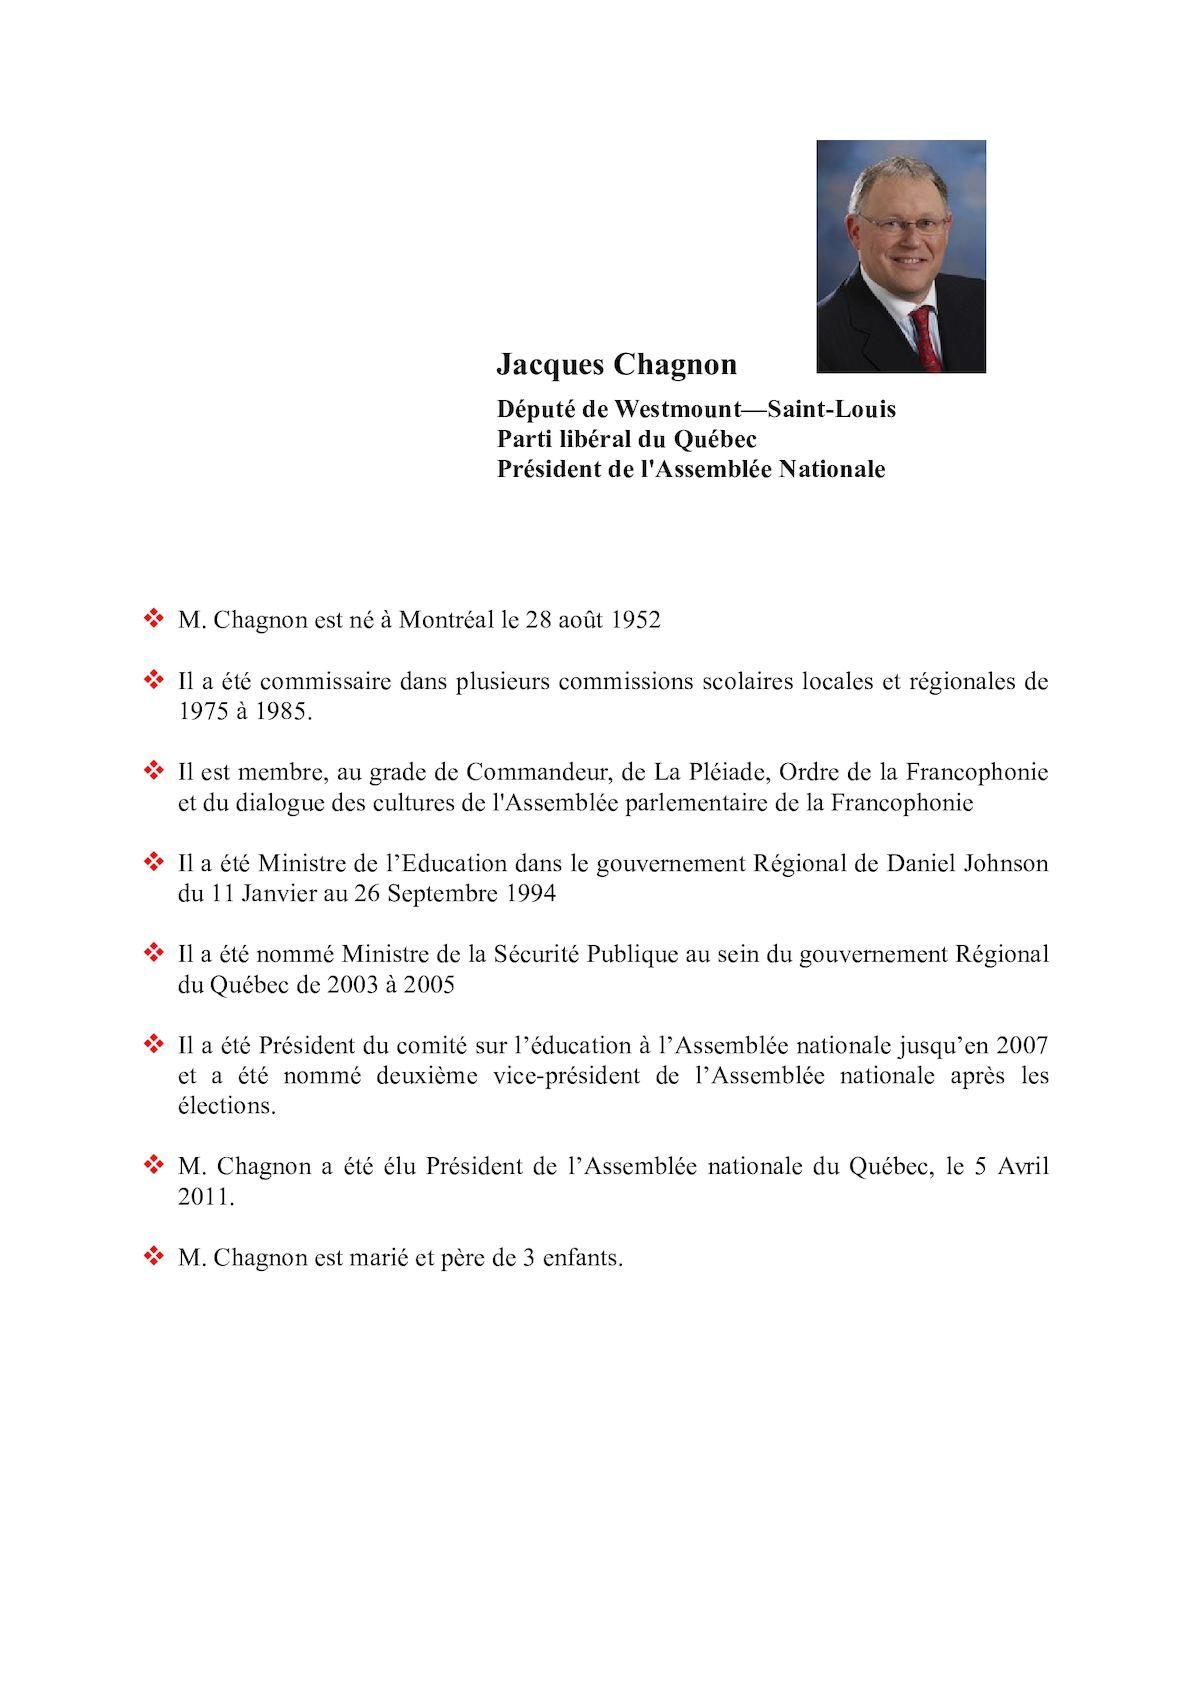 Jacques Chagnon CV